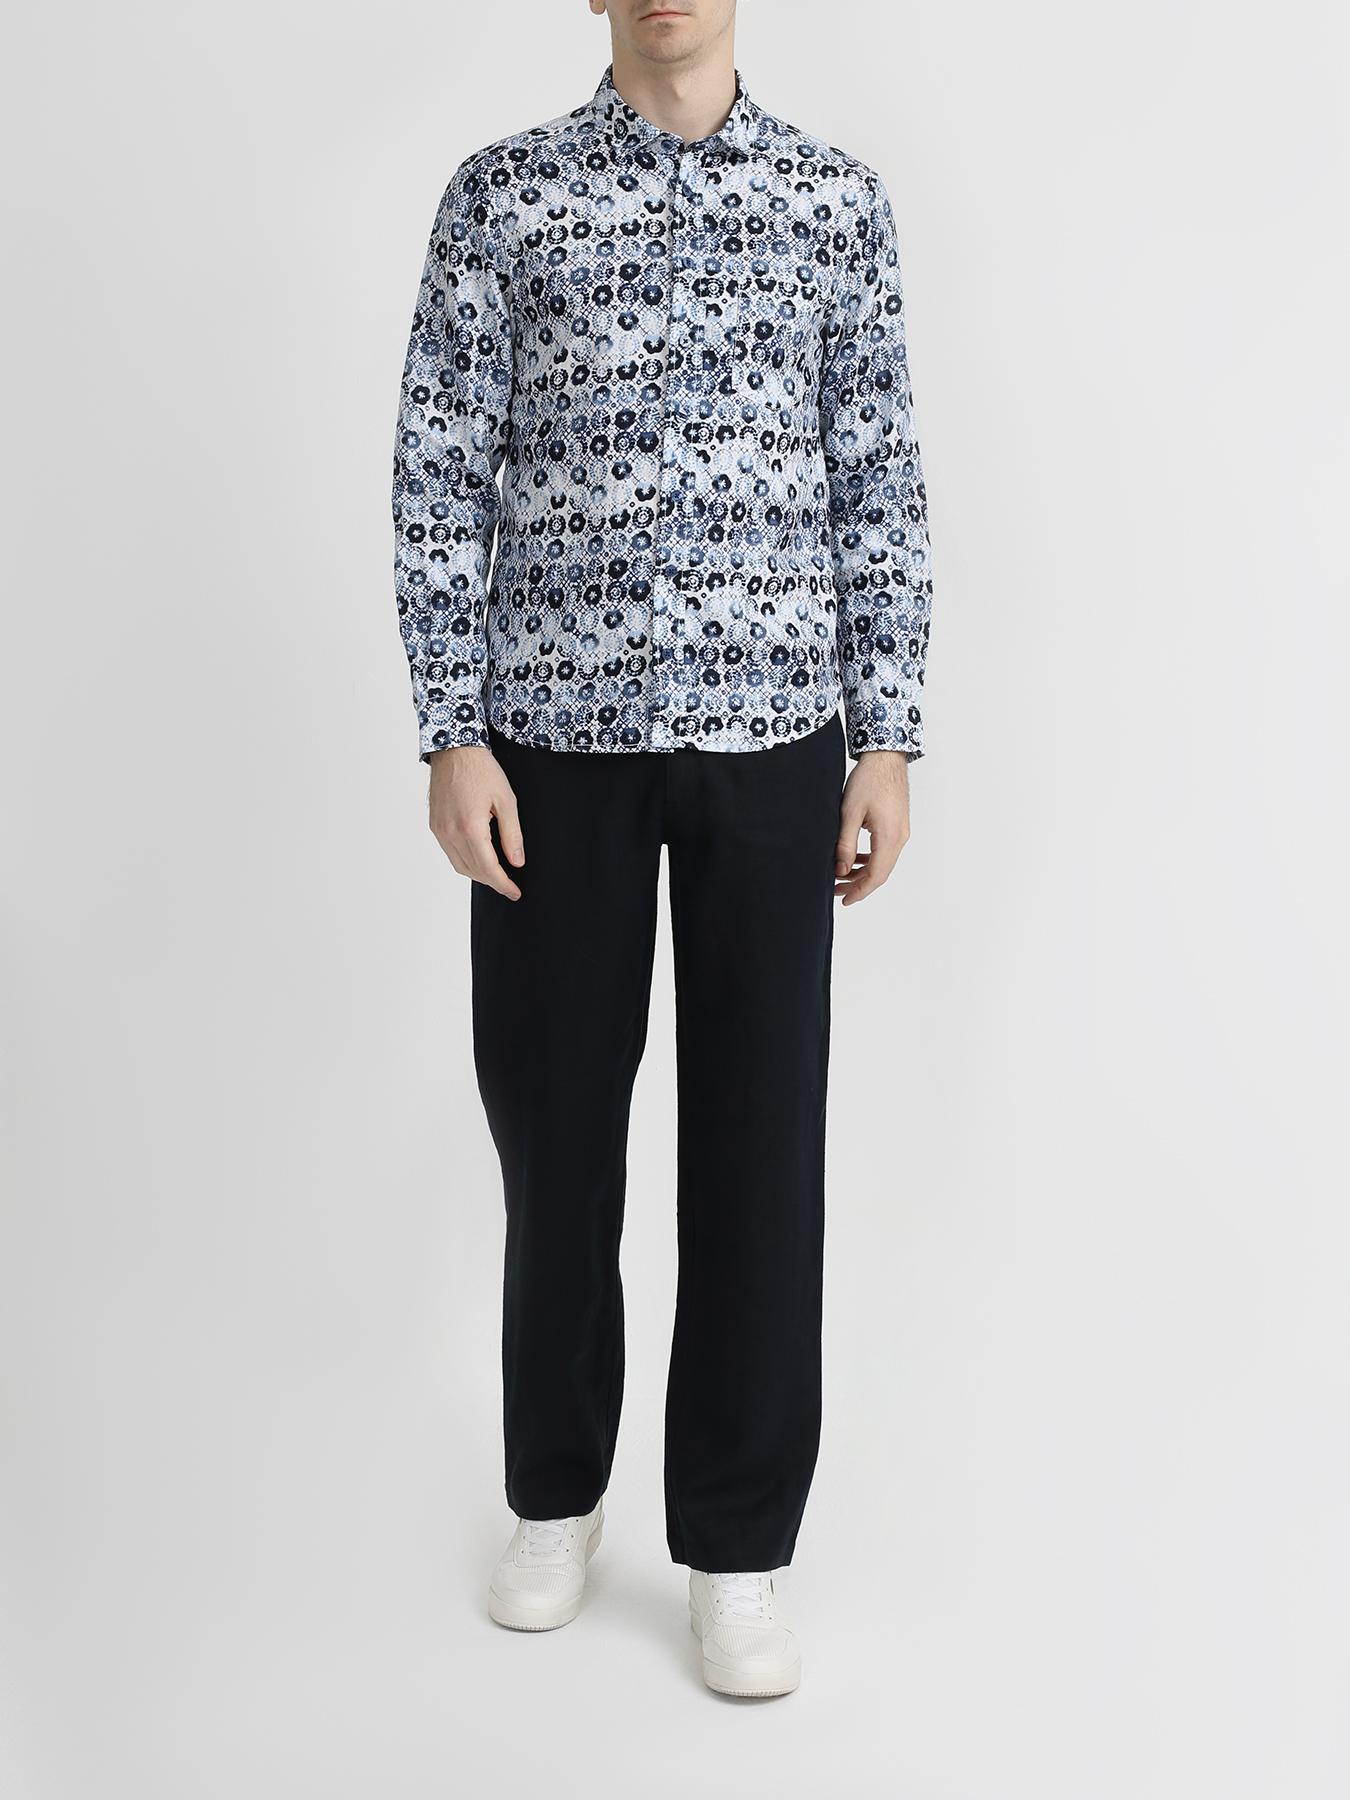 Alessandro Manzoni Jeans Льняная рубашка фото